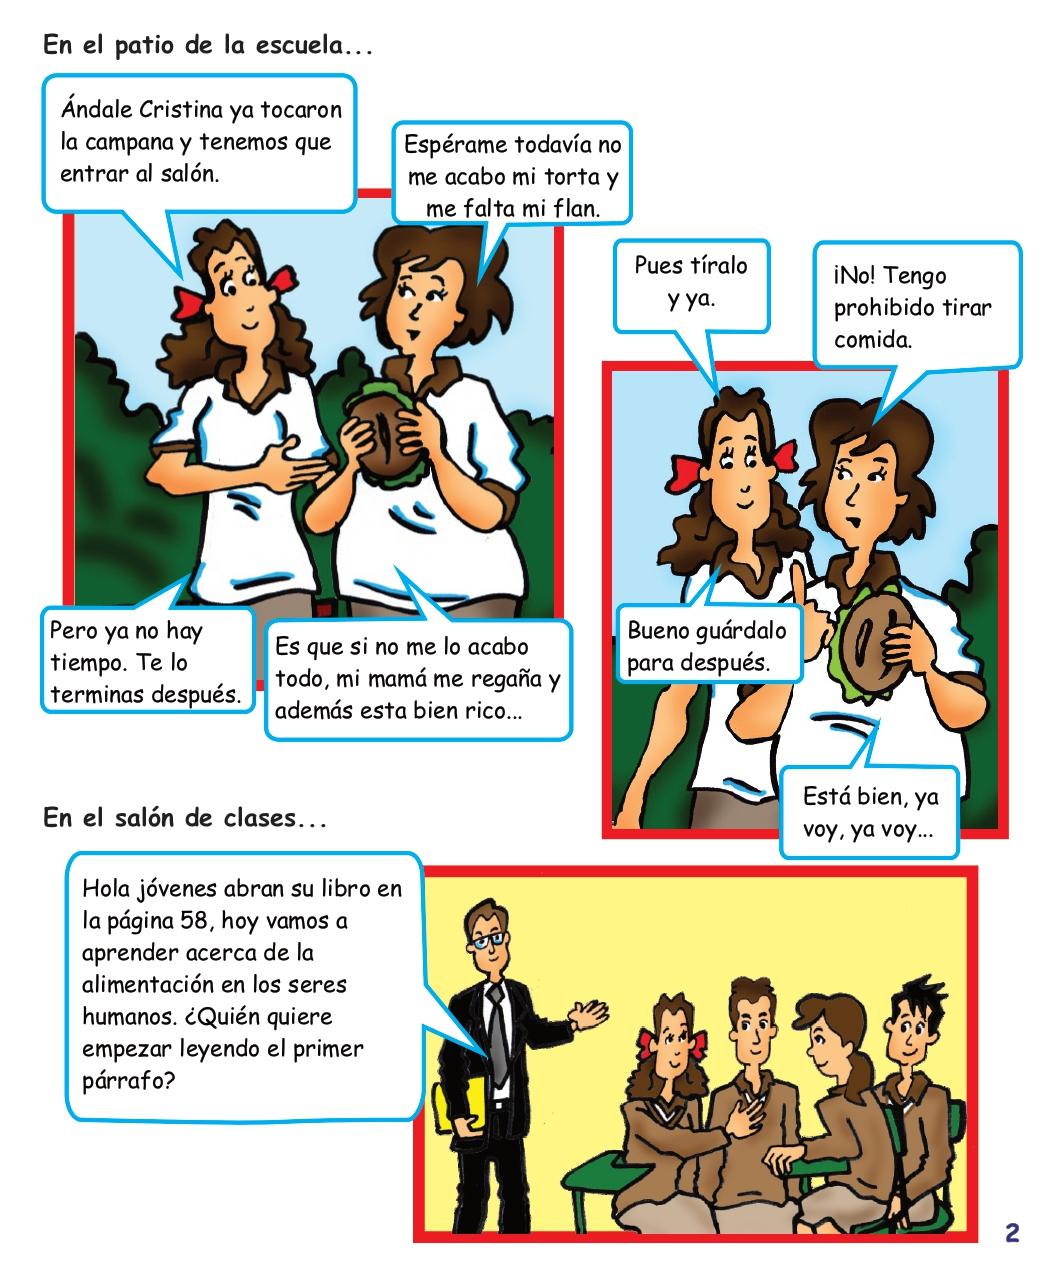 Psicología adolescentes Reyhan cap1 digital_page-0005